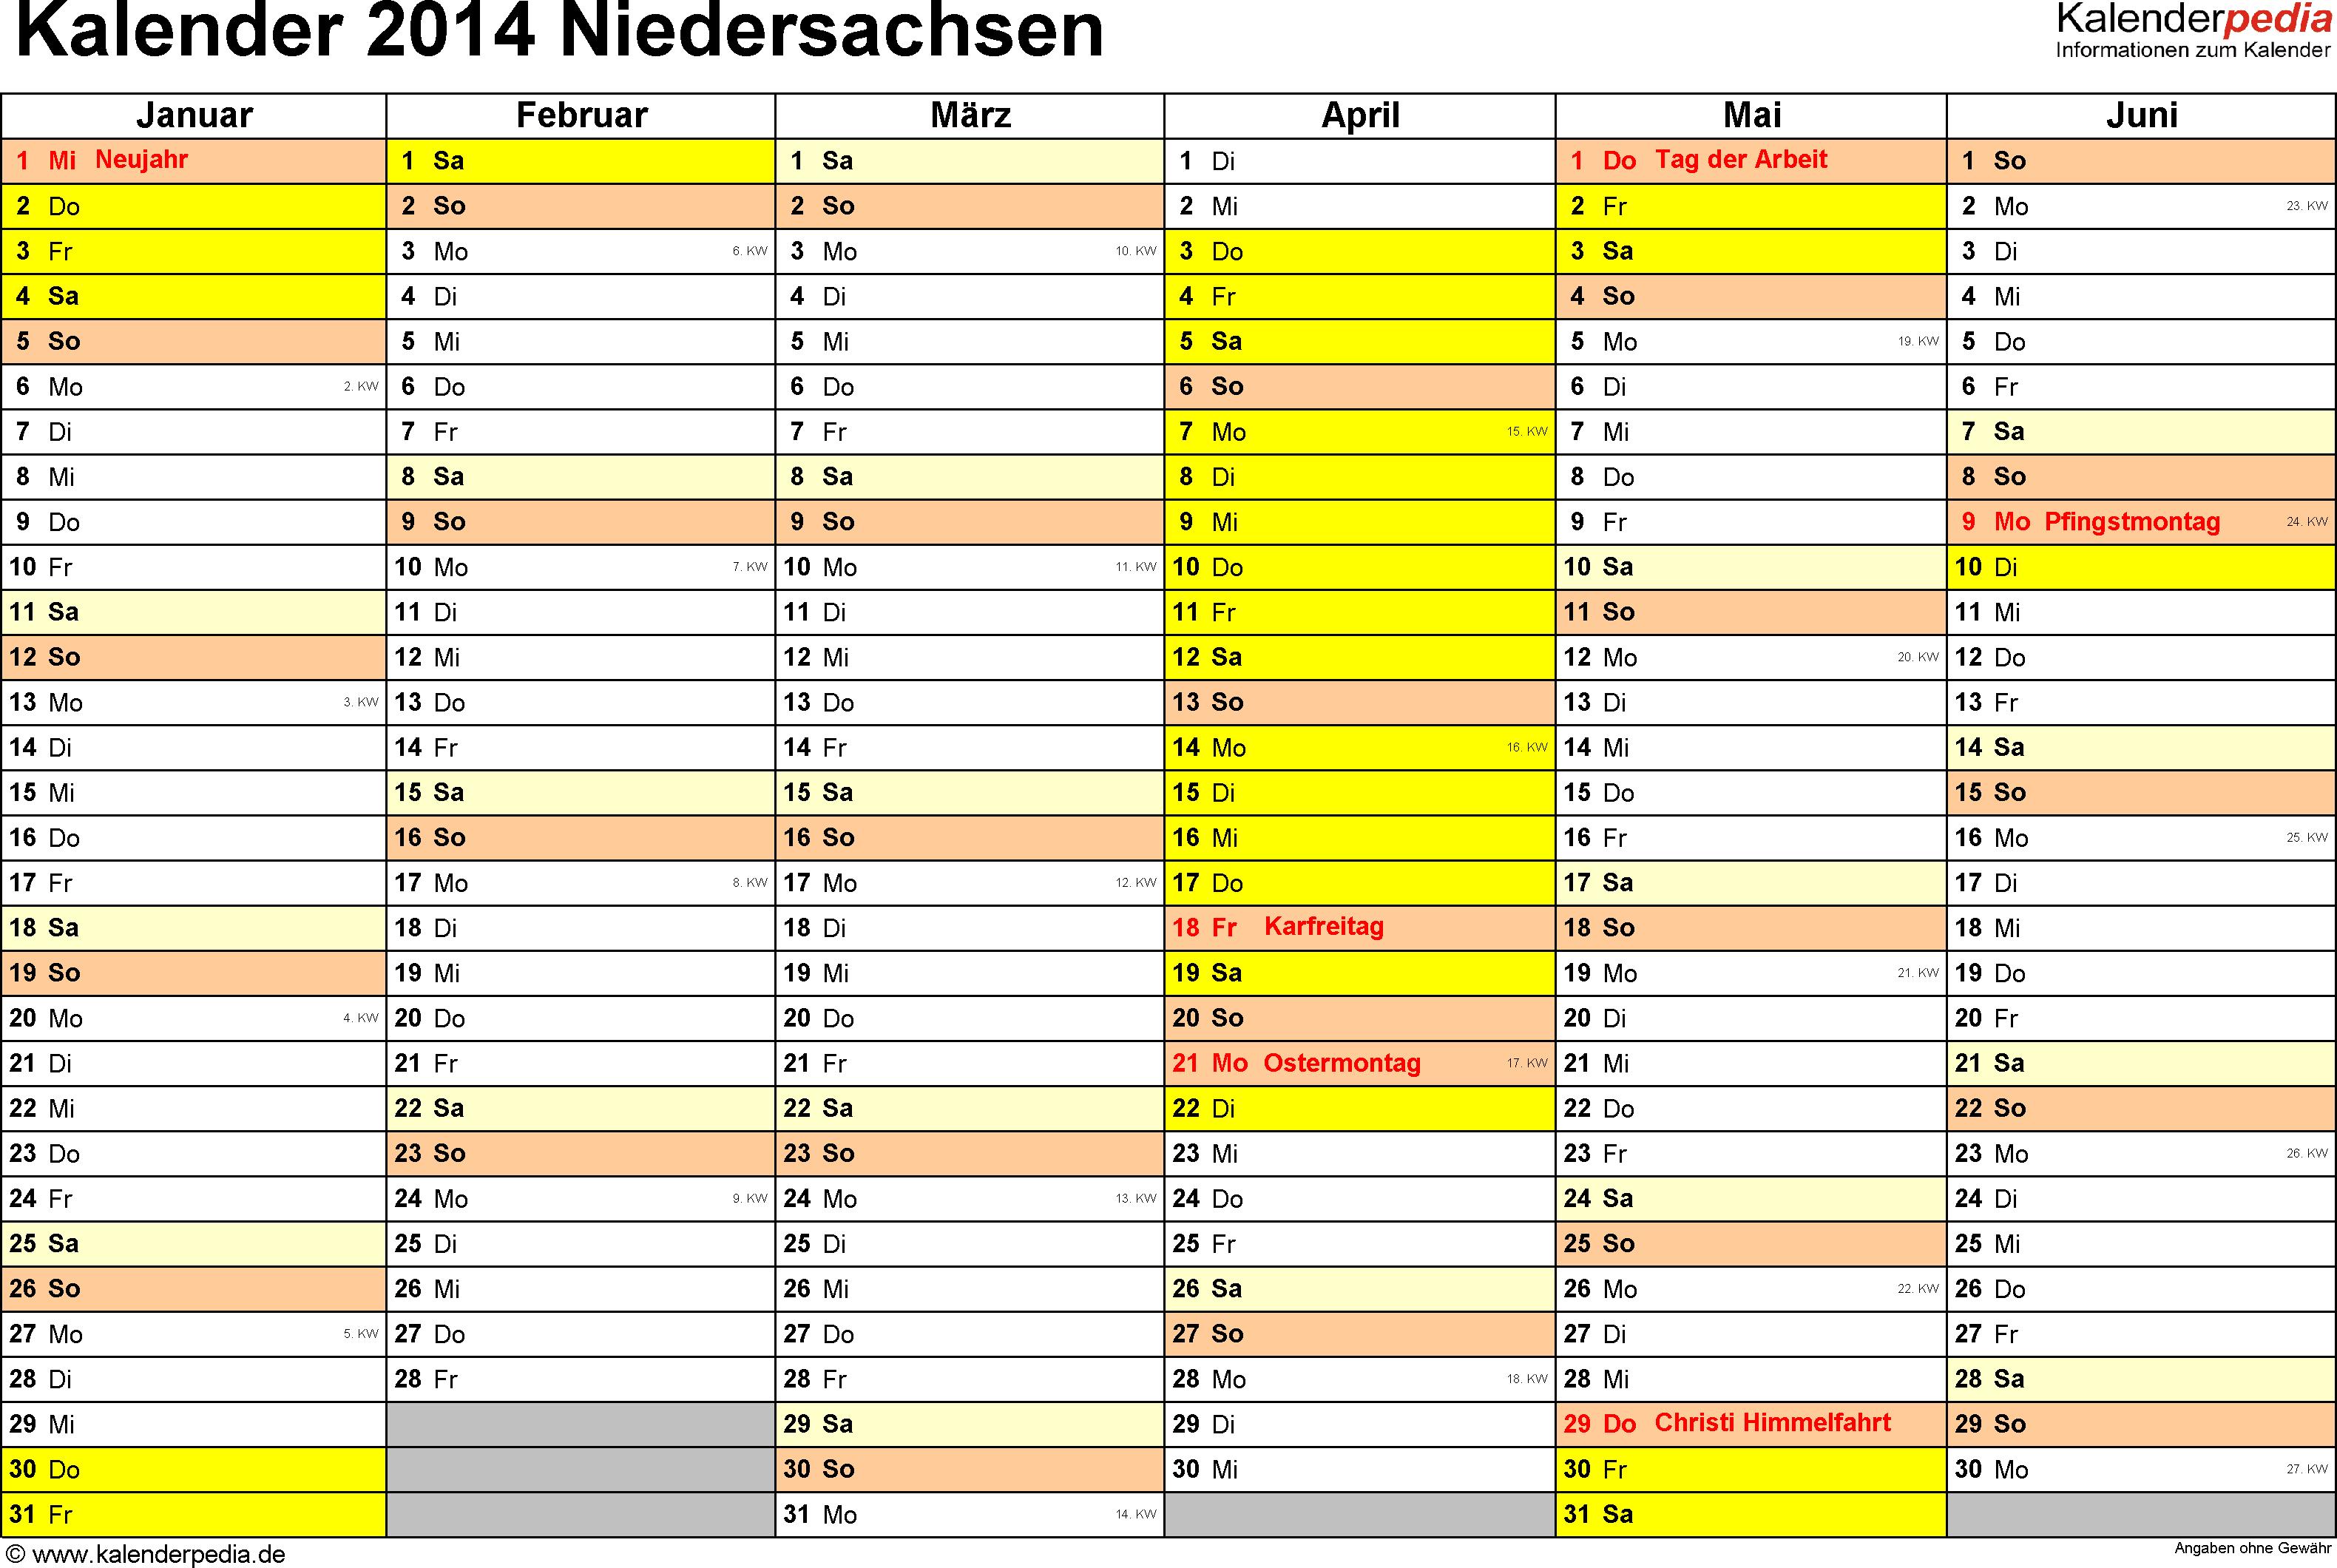 Vorlage 2: Kalender 2014 für Niedersachsen als Excel-Vorlagen (Querformat, 2 Seiten)